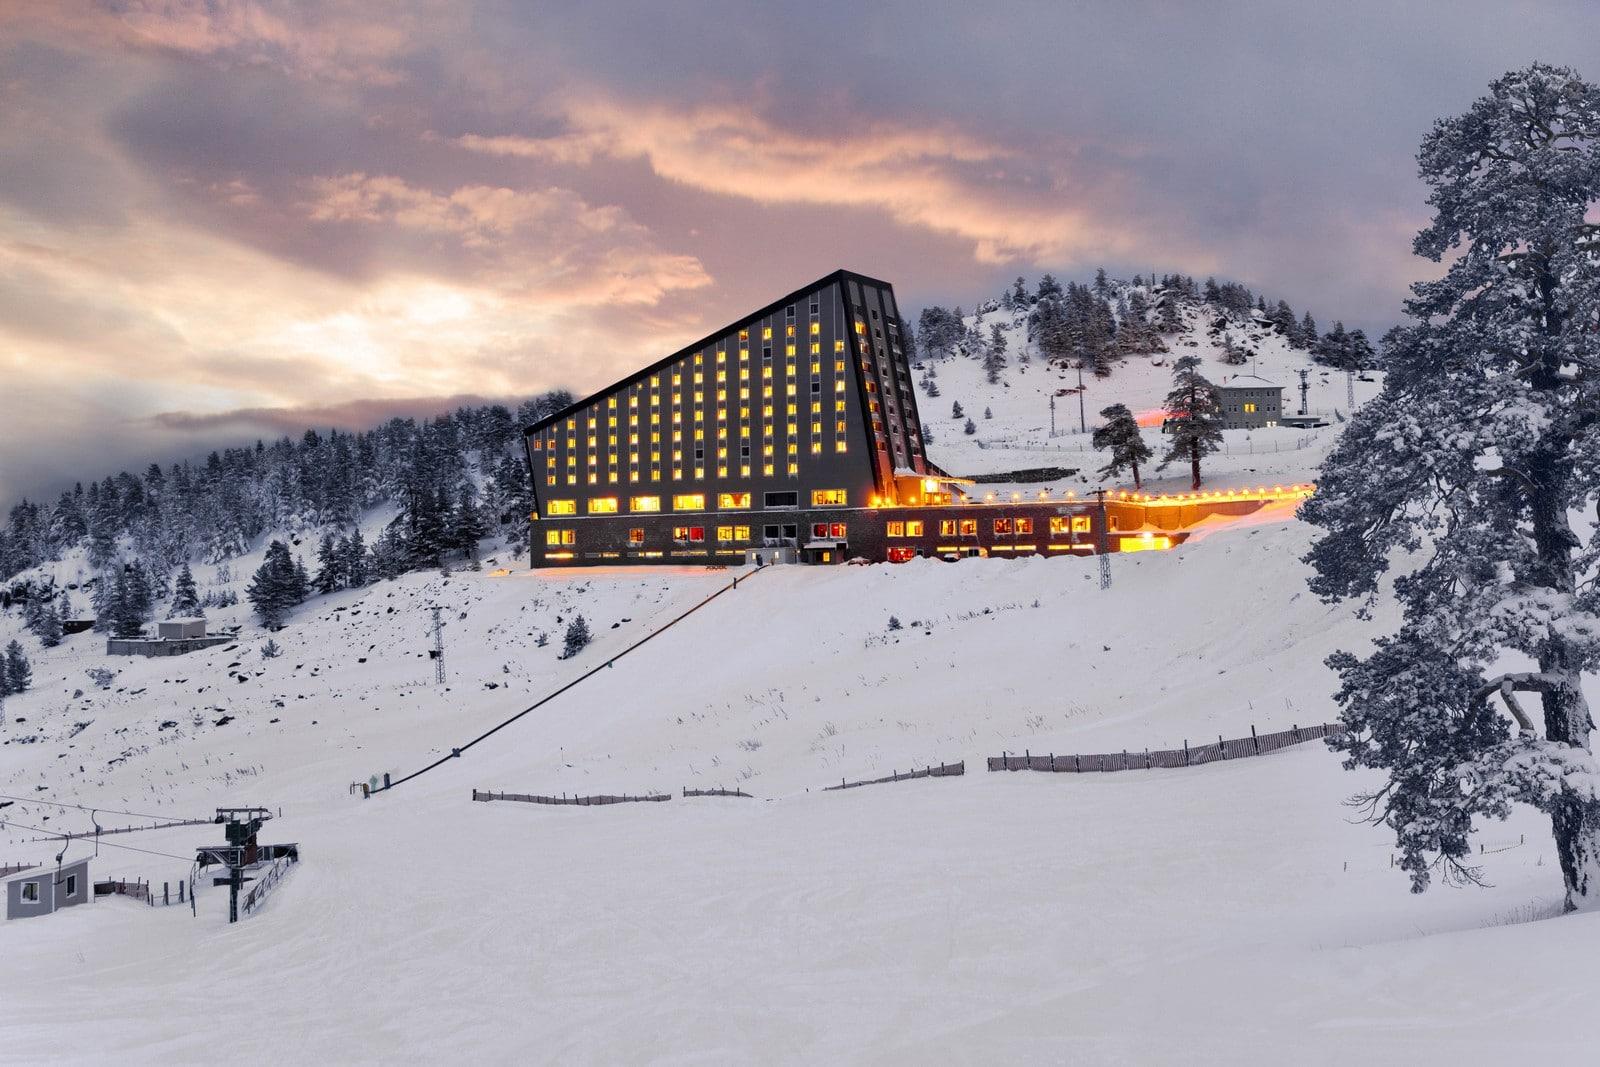 türkiyenin en iyi kayak merkezleri bolu kartalkaya